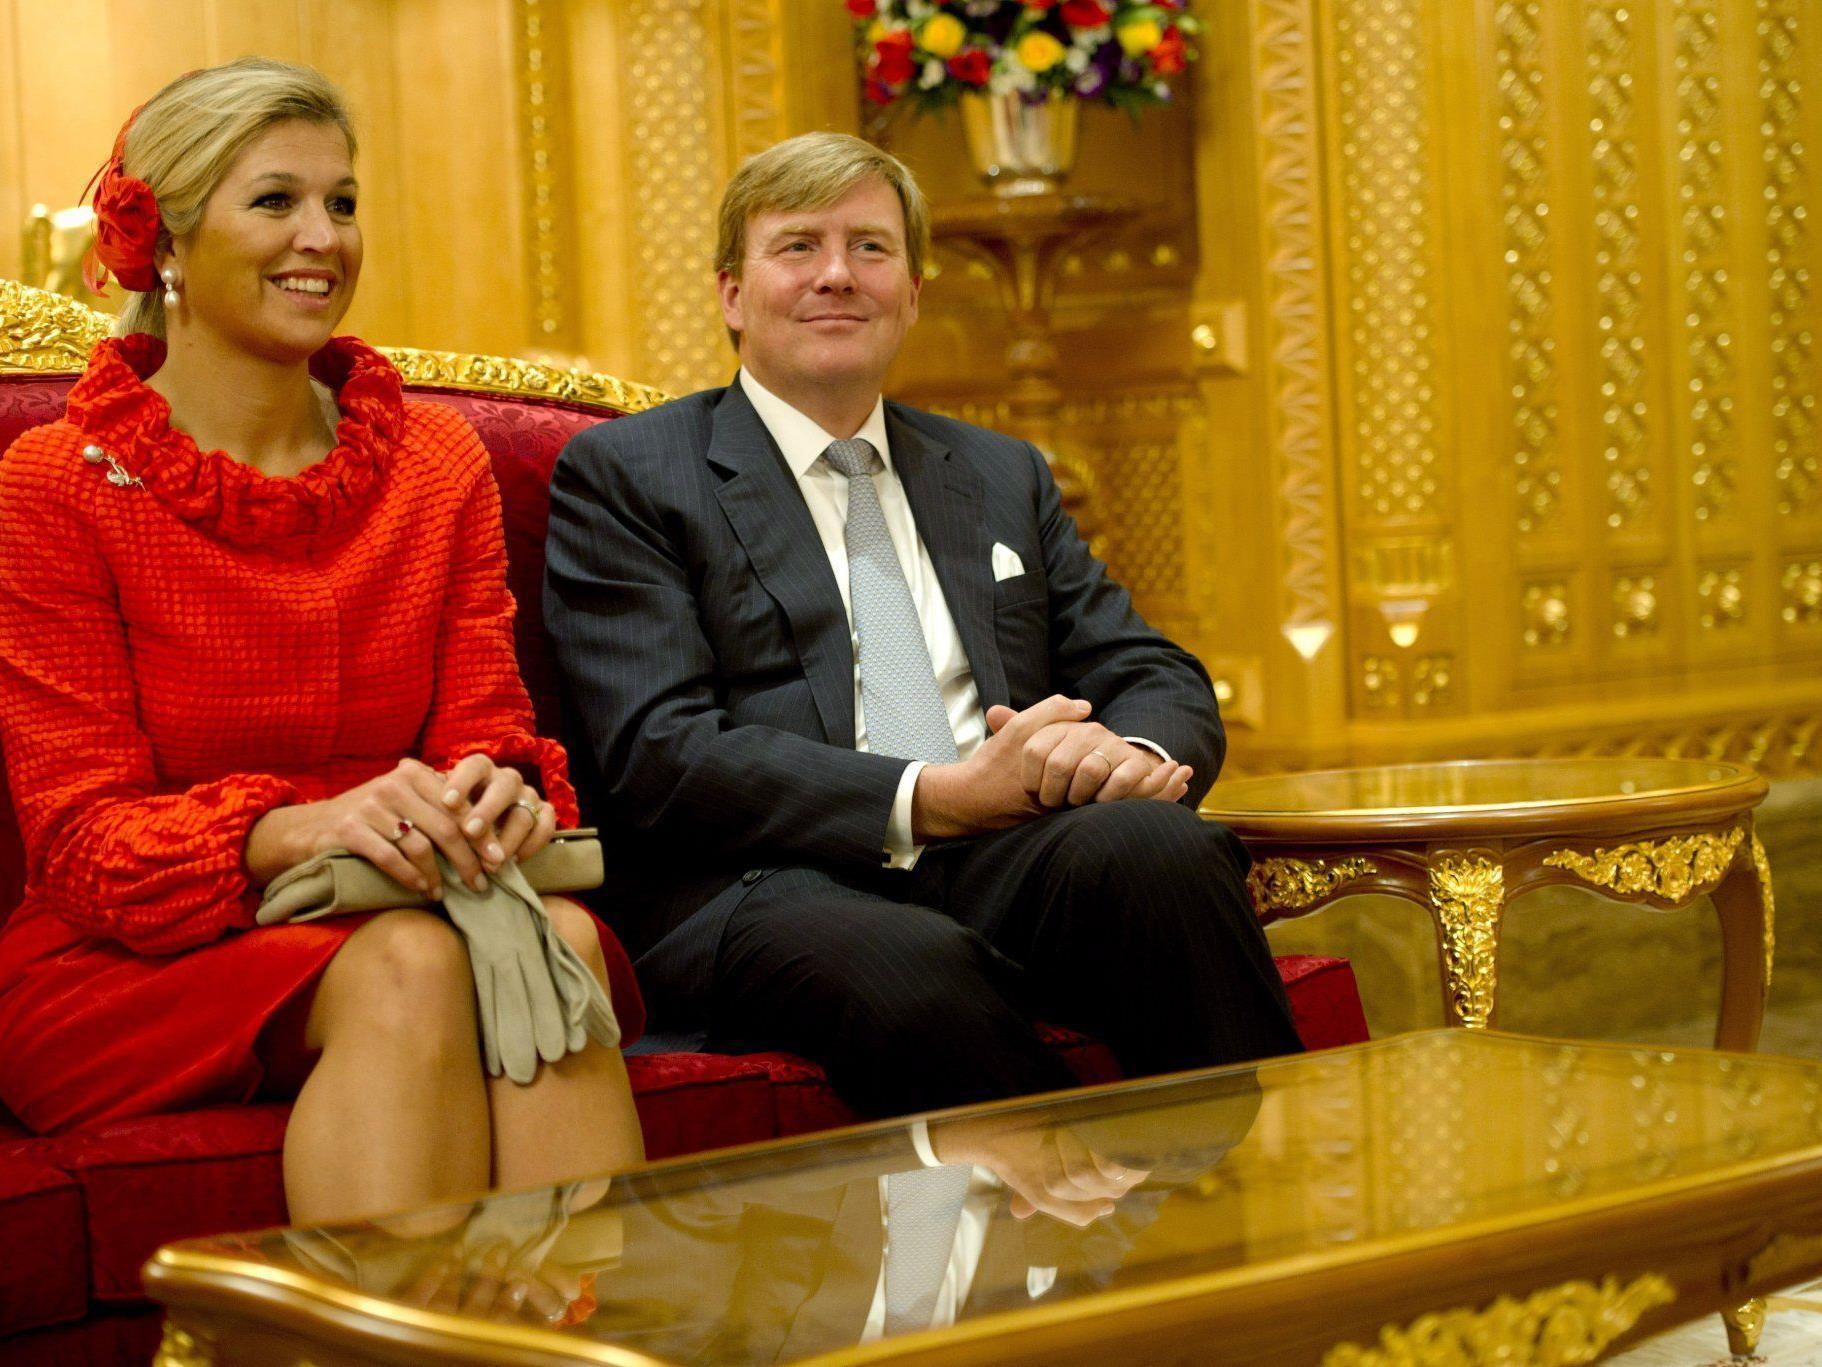 Maxima und Willem-Alexander sind die Vorzeigefmilie und das Traumpaar Hollands.